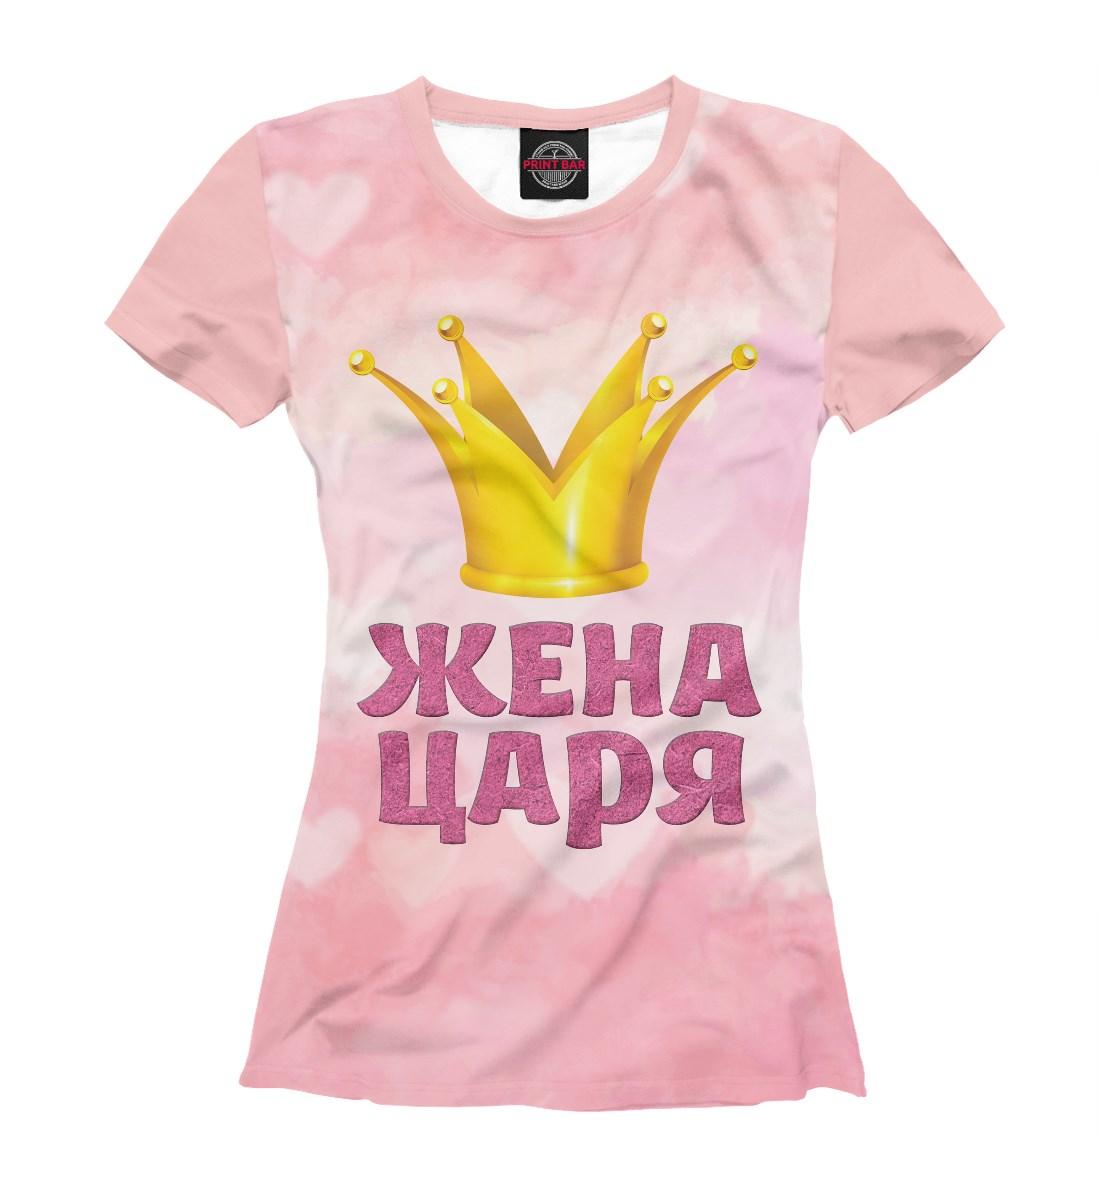 Женская футболка Жена царя